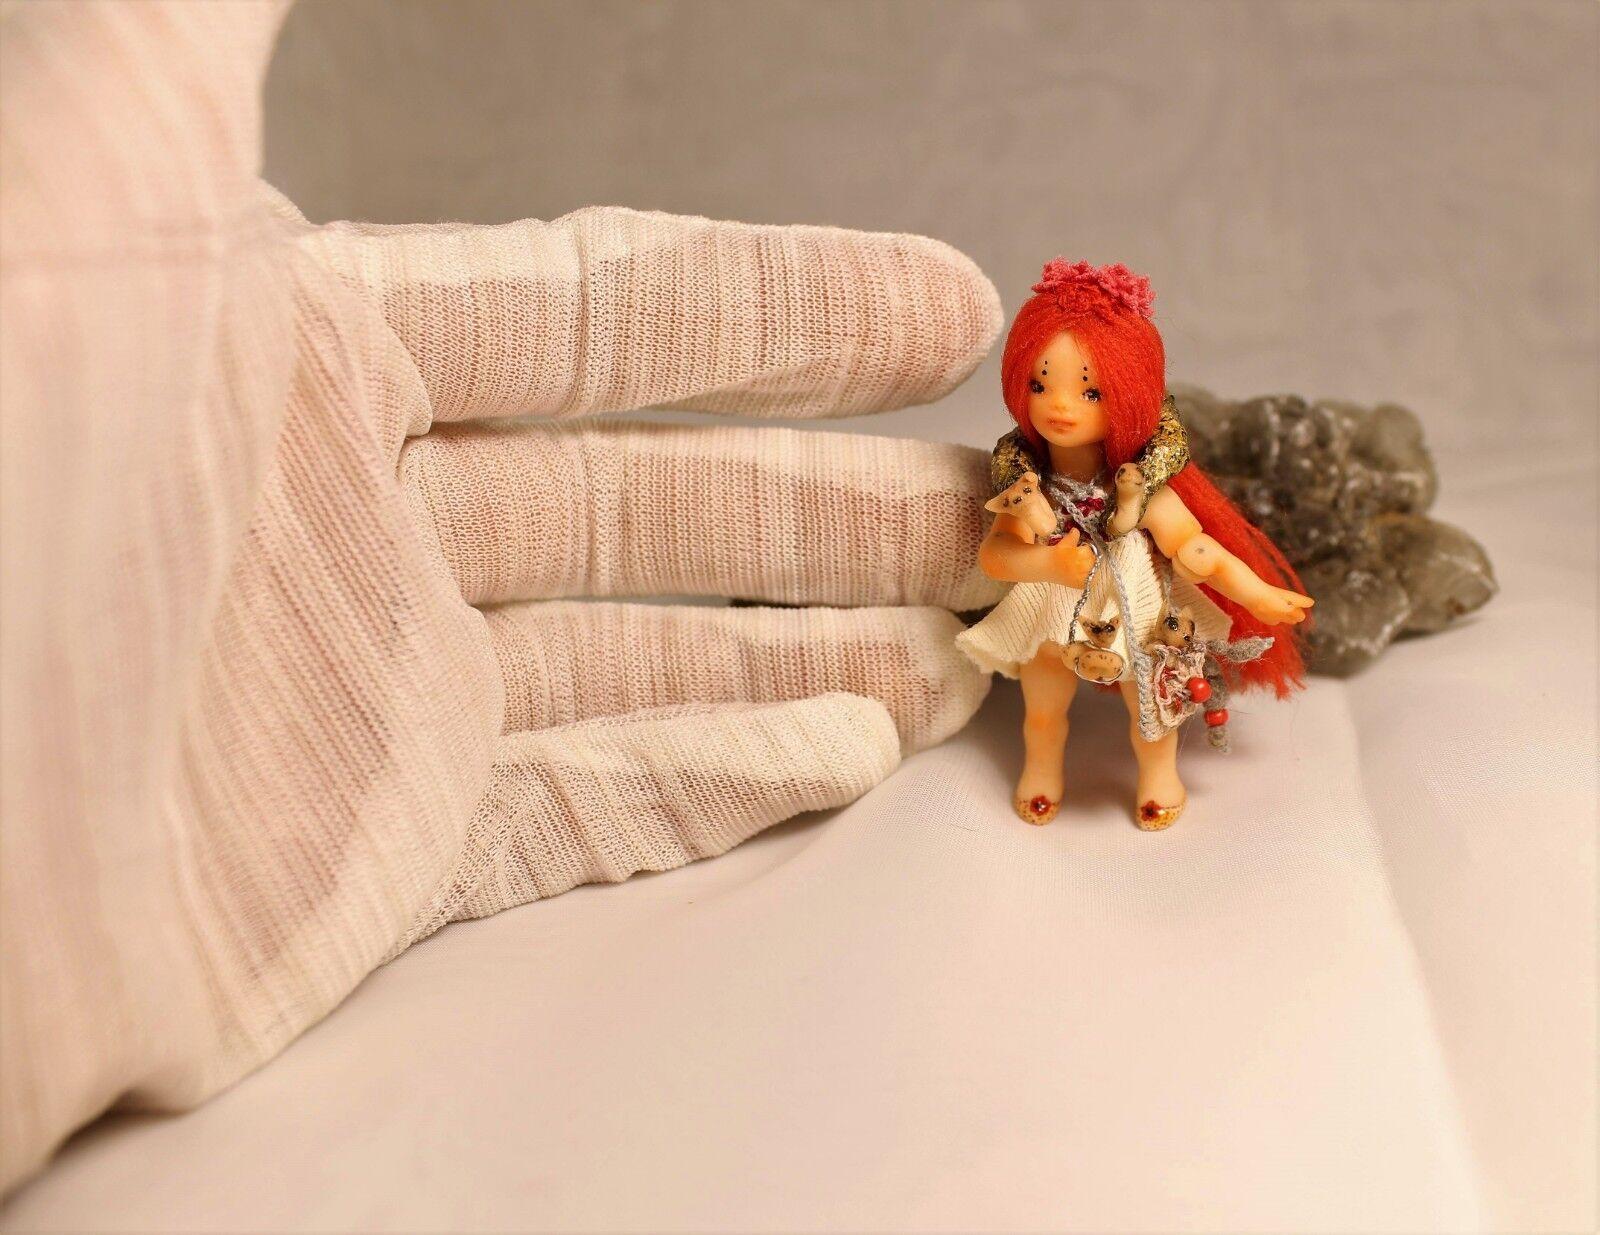 Miniatura 1 24 poco foxberry uno de una tipo BJD Arte Muñeca por Julia Arts